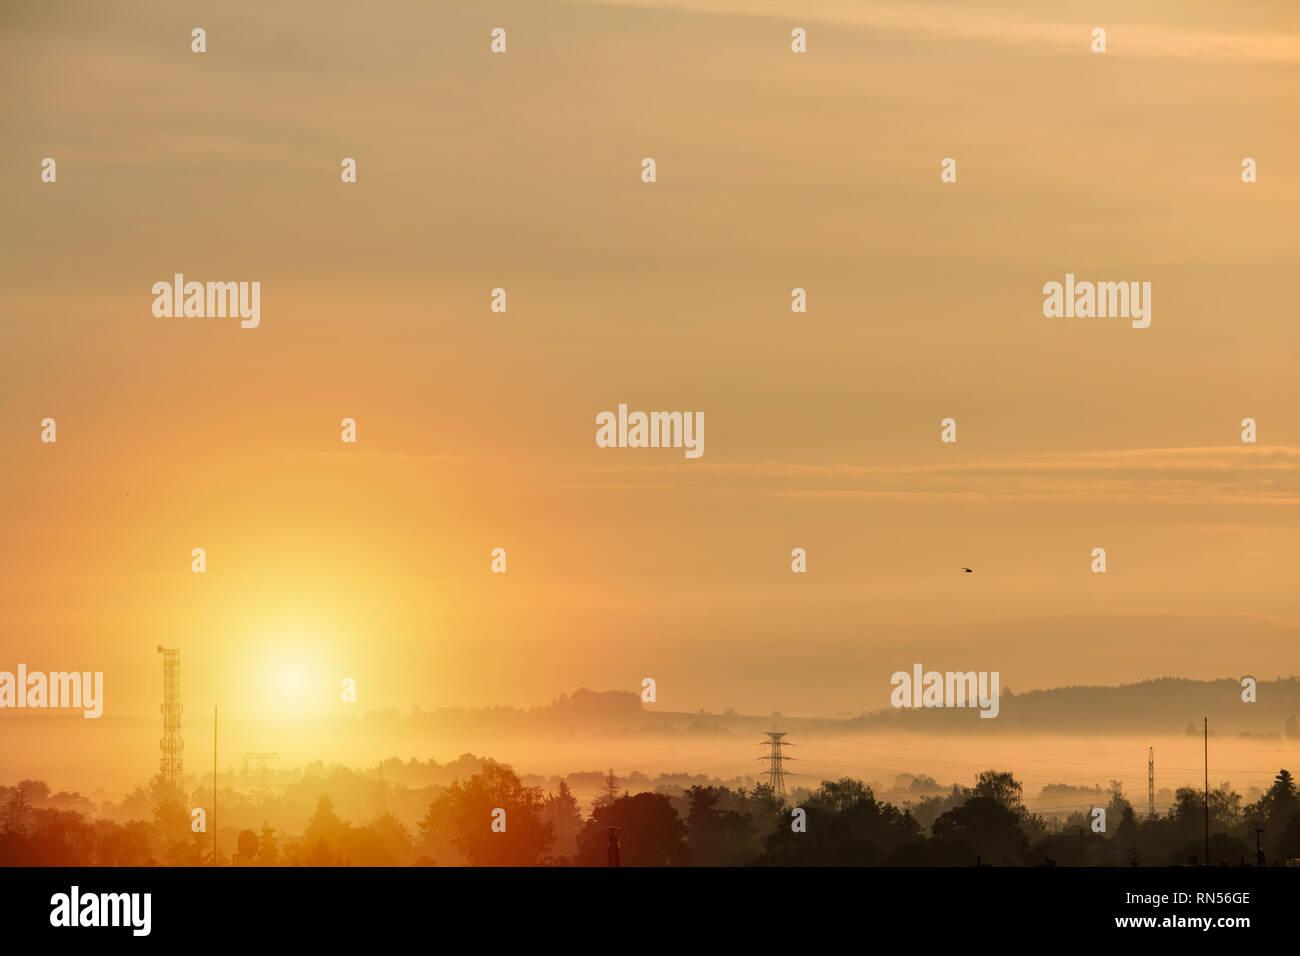 Orange sunrise over hills with mysty fog - Stock Image